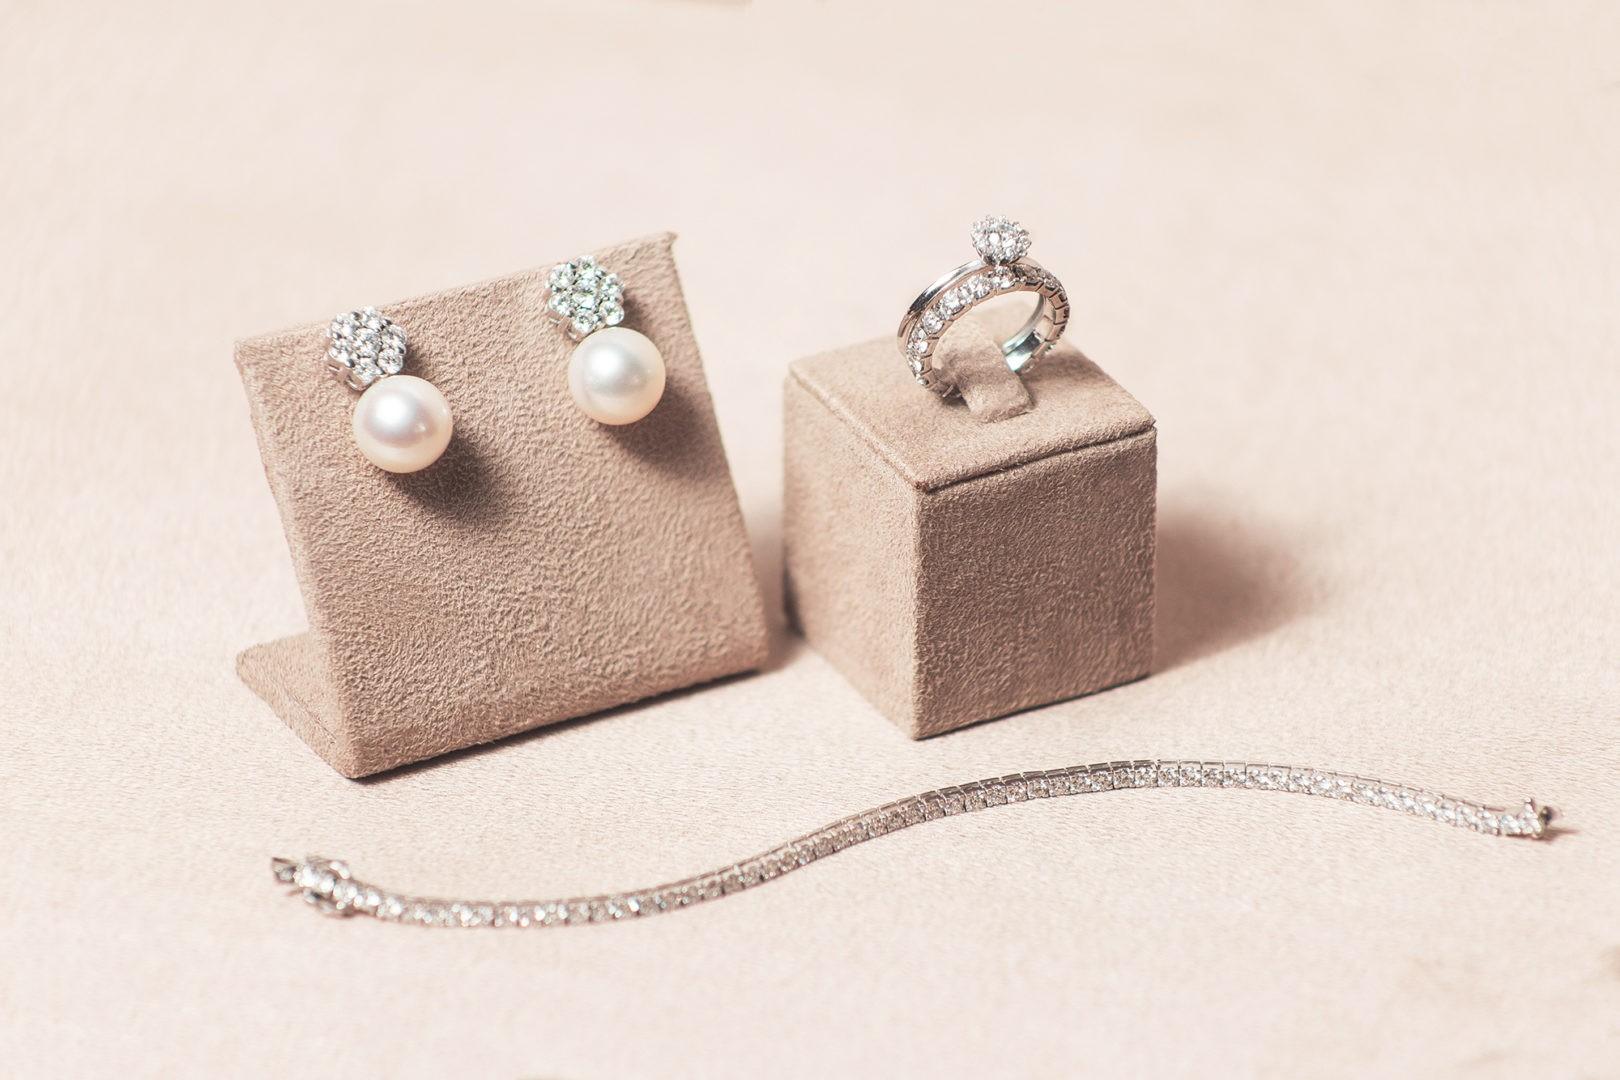 brinco, anel de noivado e pulseira Priscila do Vale